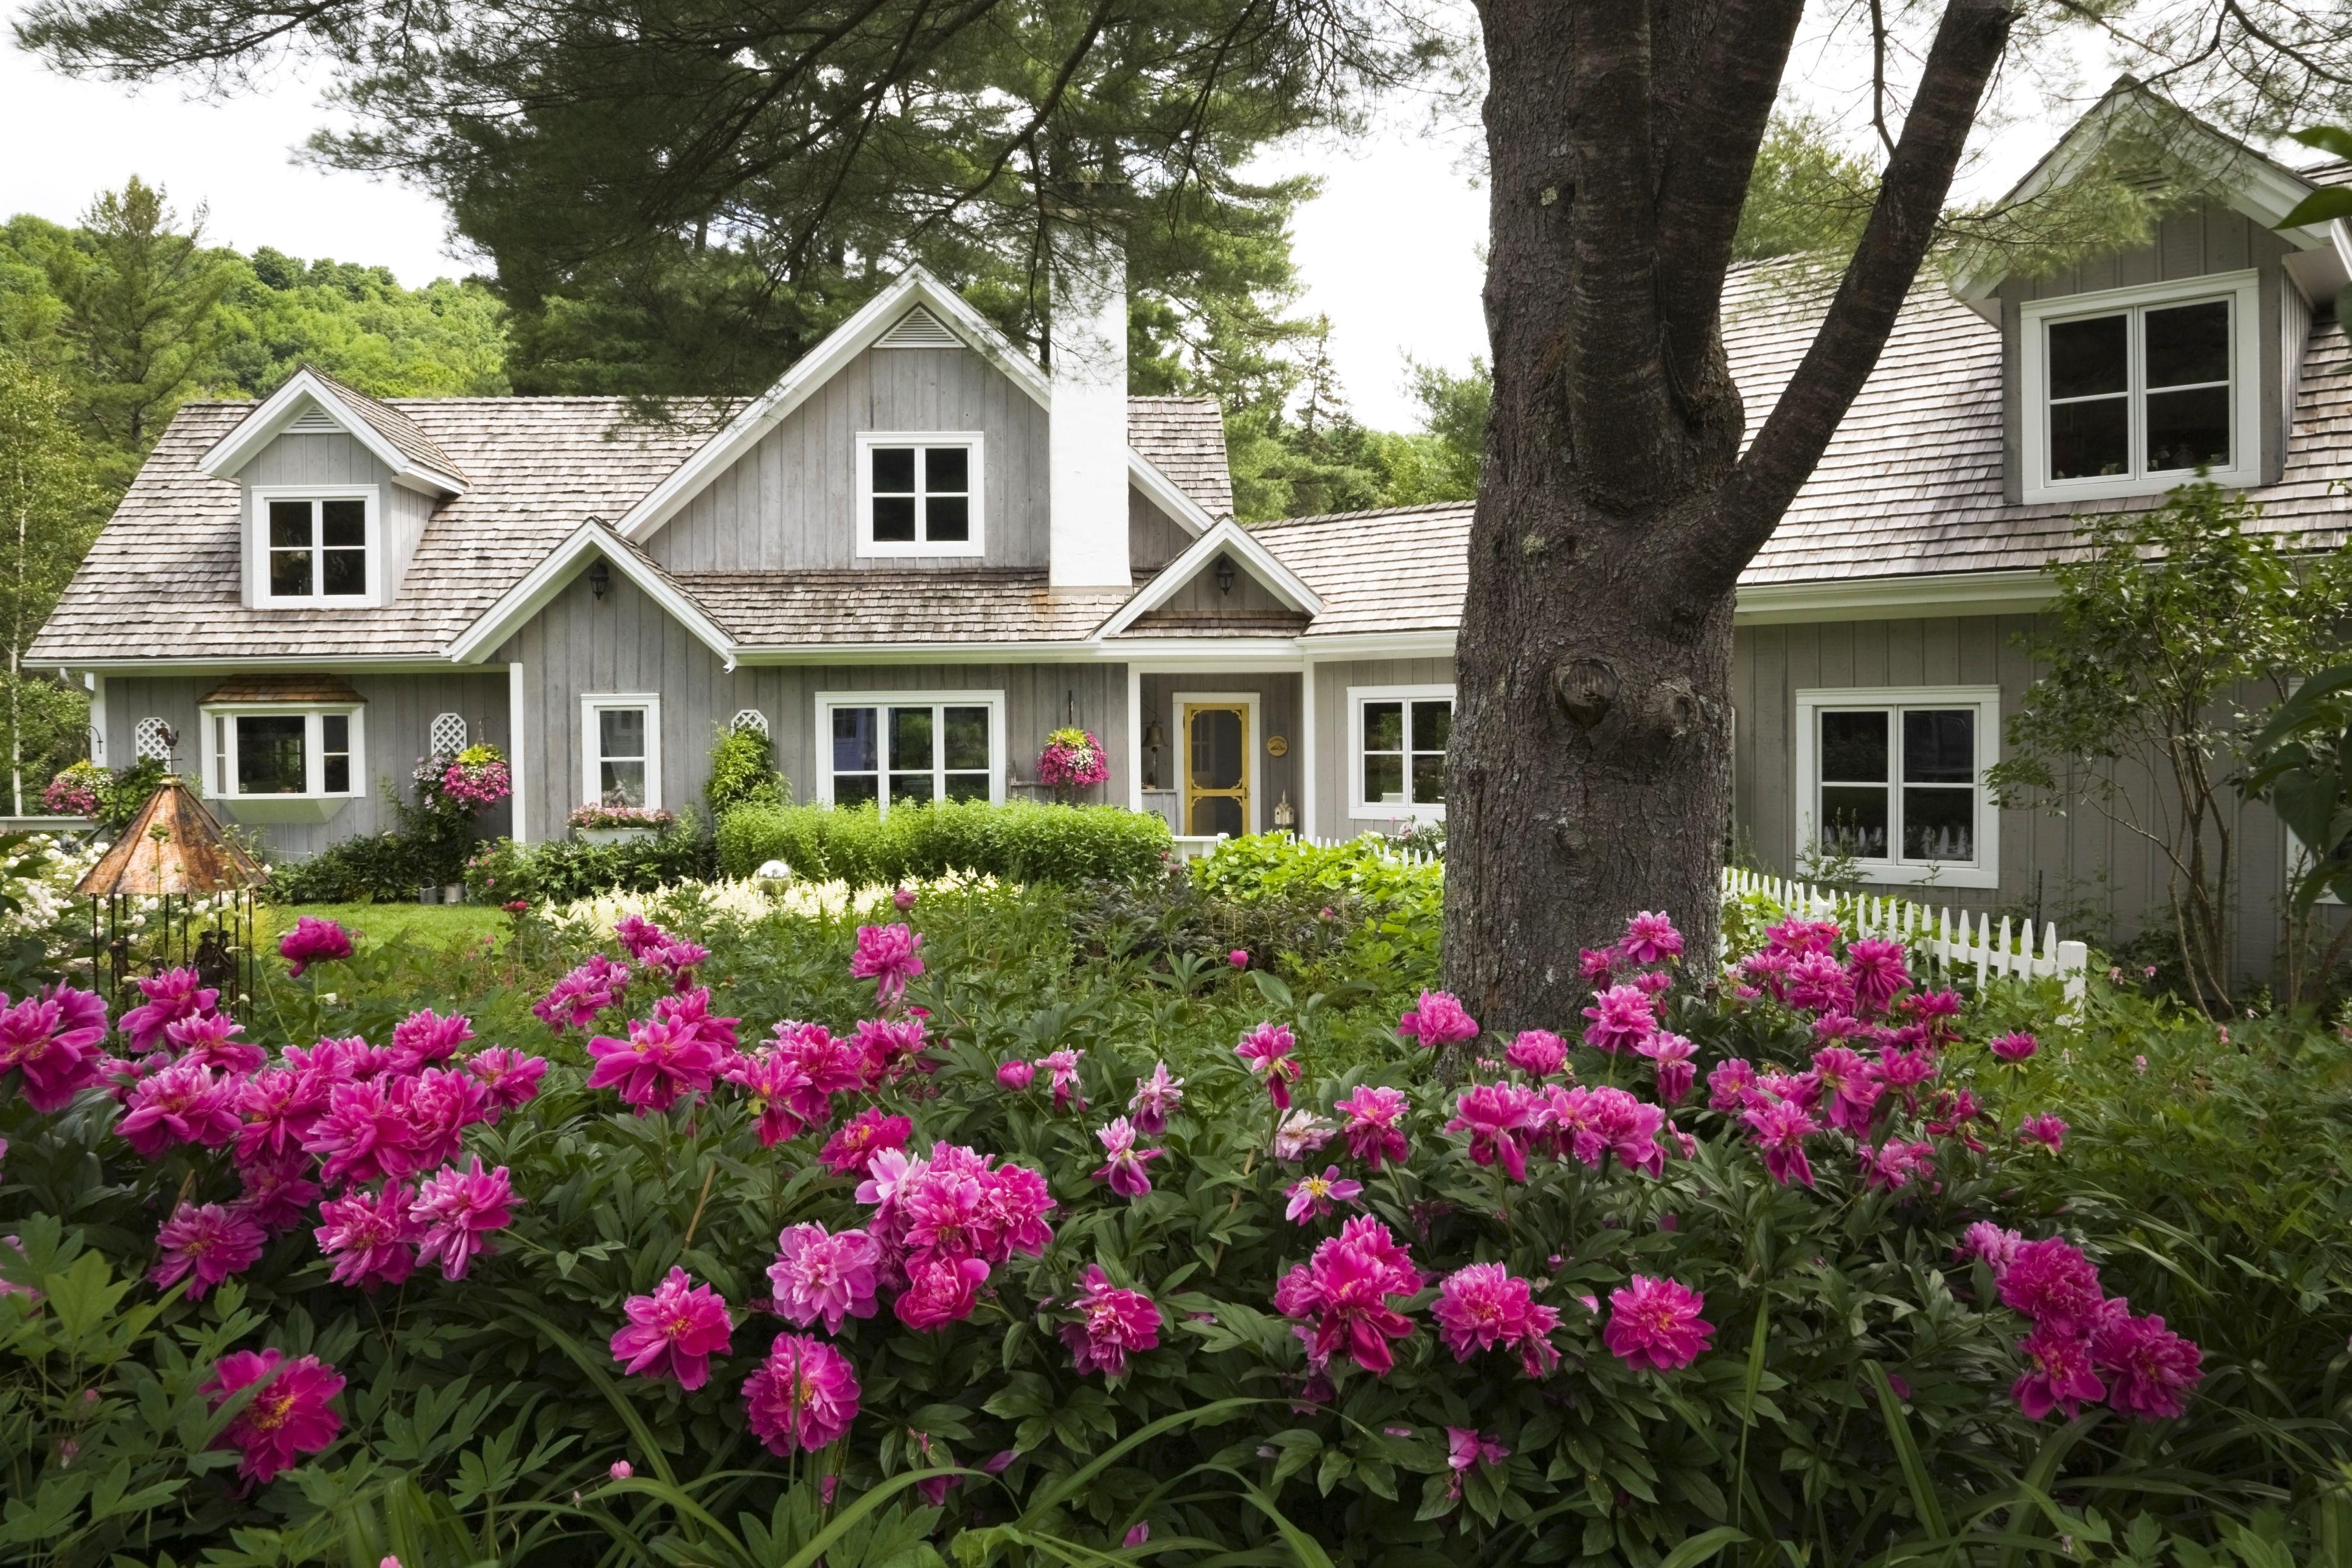 8 beneficios de tener un jard n for Beneficios del insecticida casa jardin